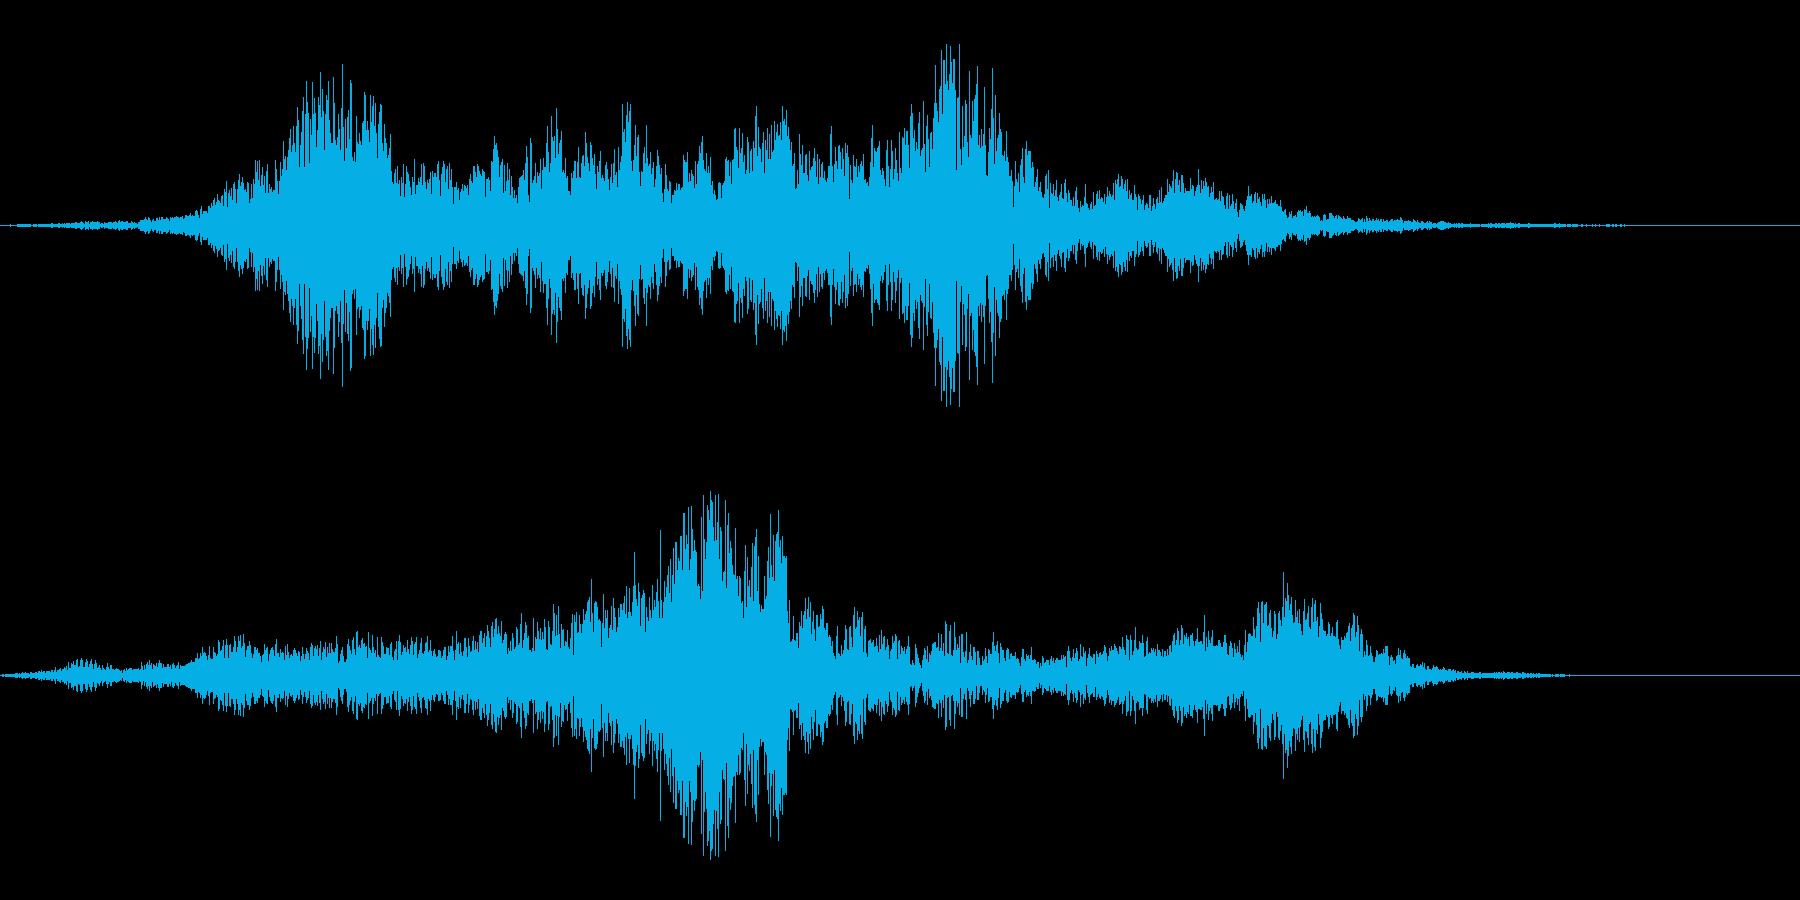 静かで透明感のある神秘的な曲の再生済みの波形